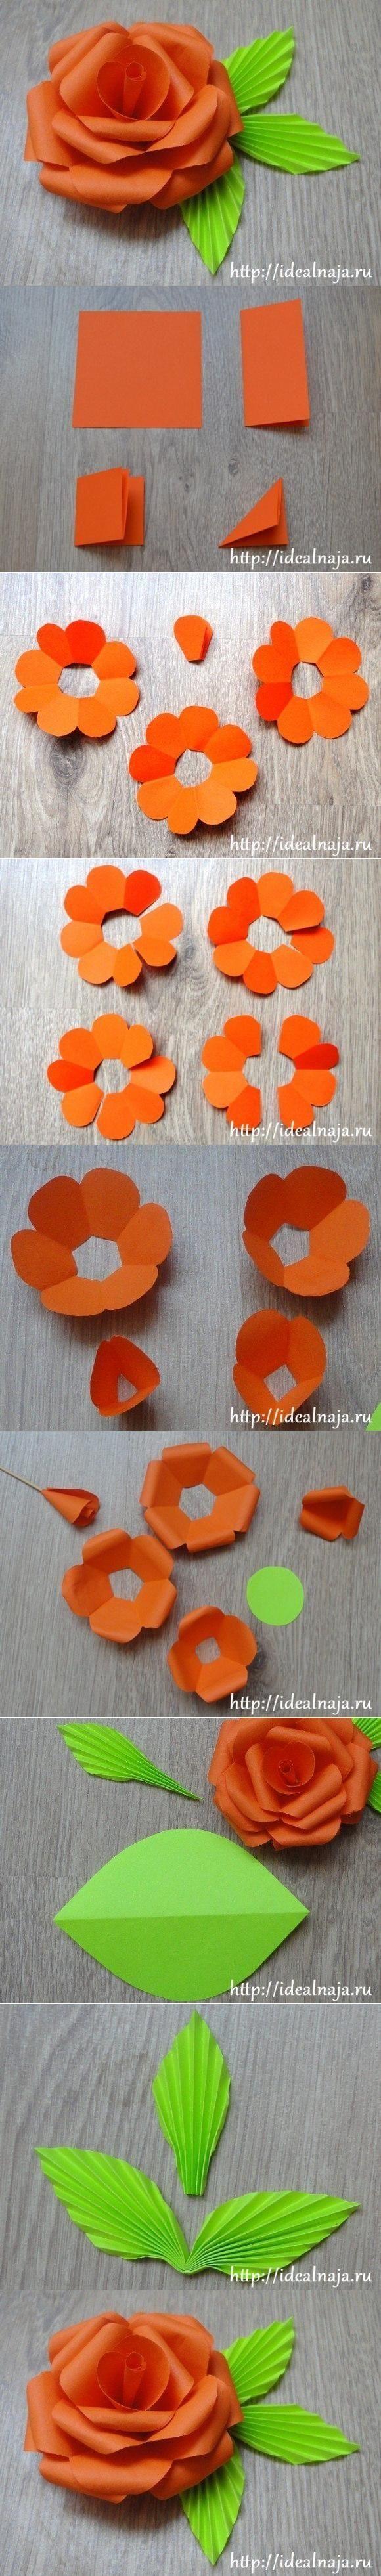 flor de papel                                                                                                                                                     Más